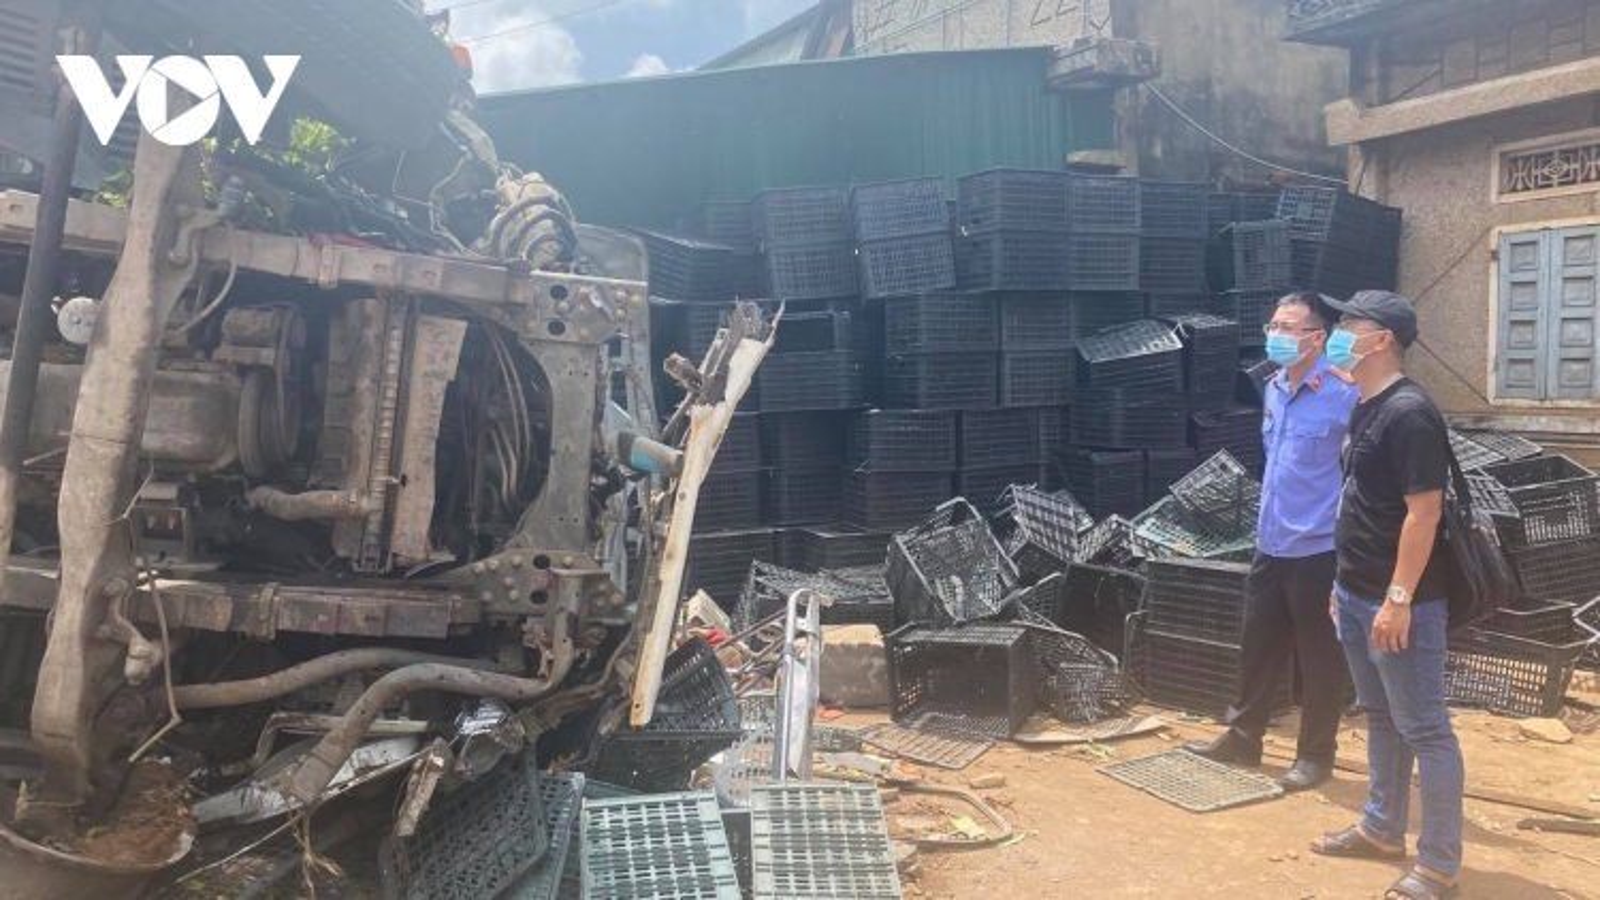 Nguyên nhân vụ tai nạn giao thông ở Đắk Lắk làm 2 người tử vong